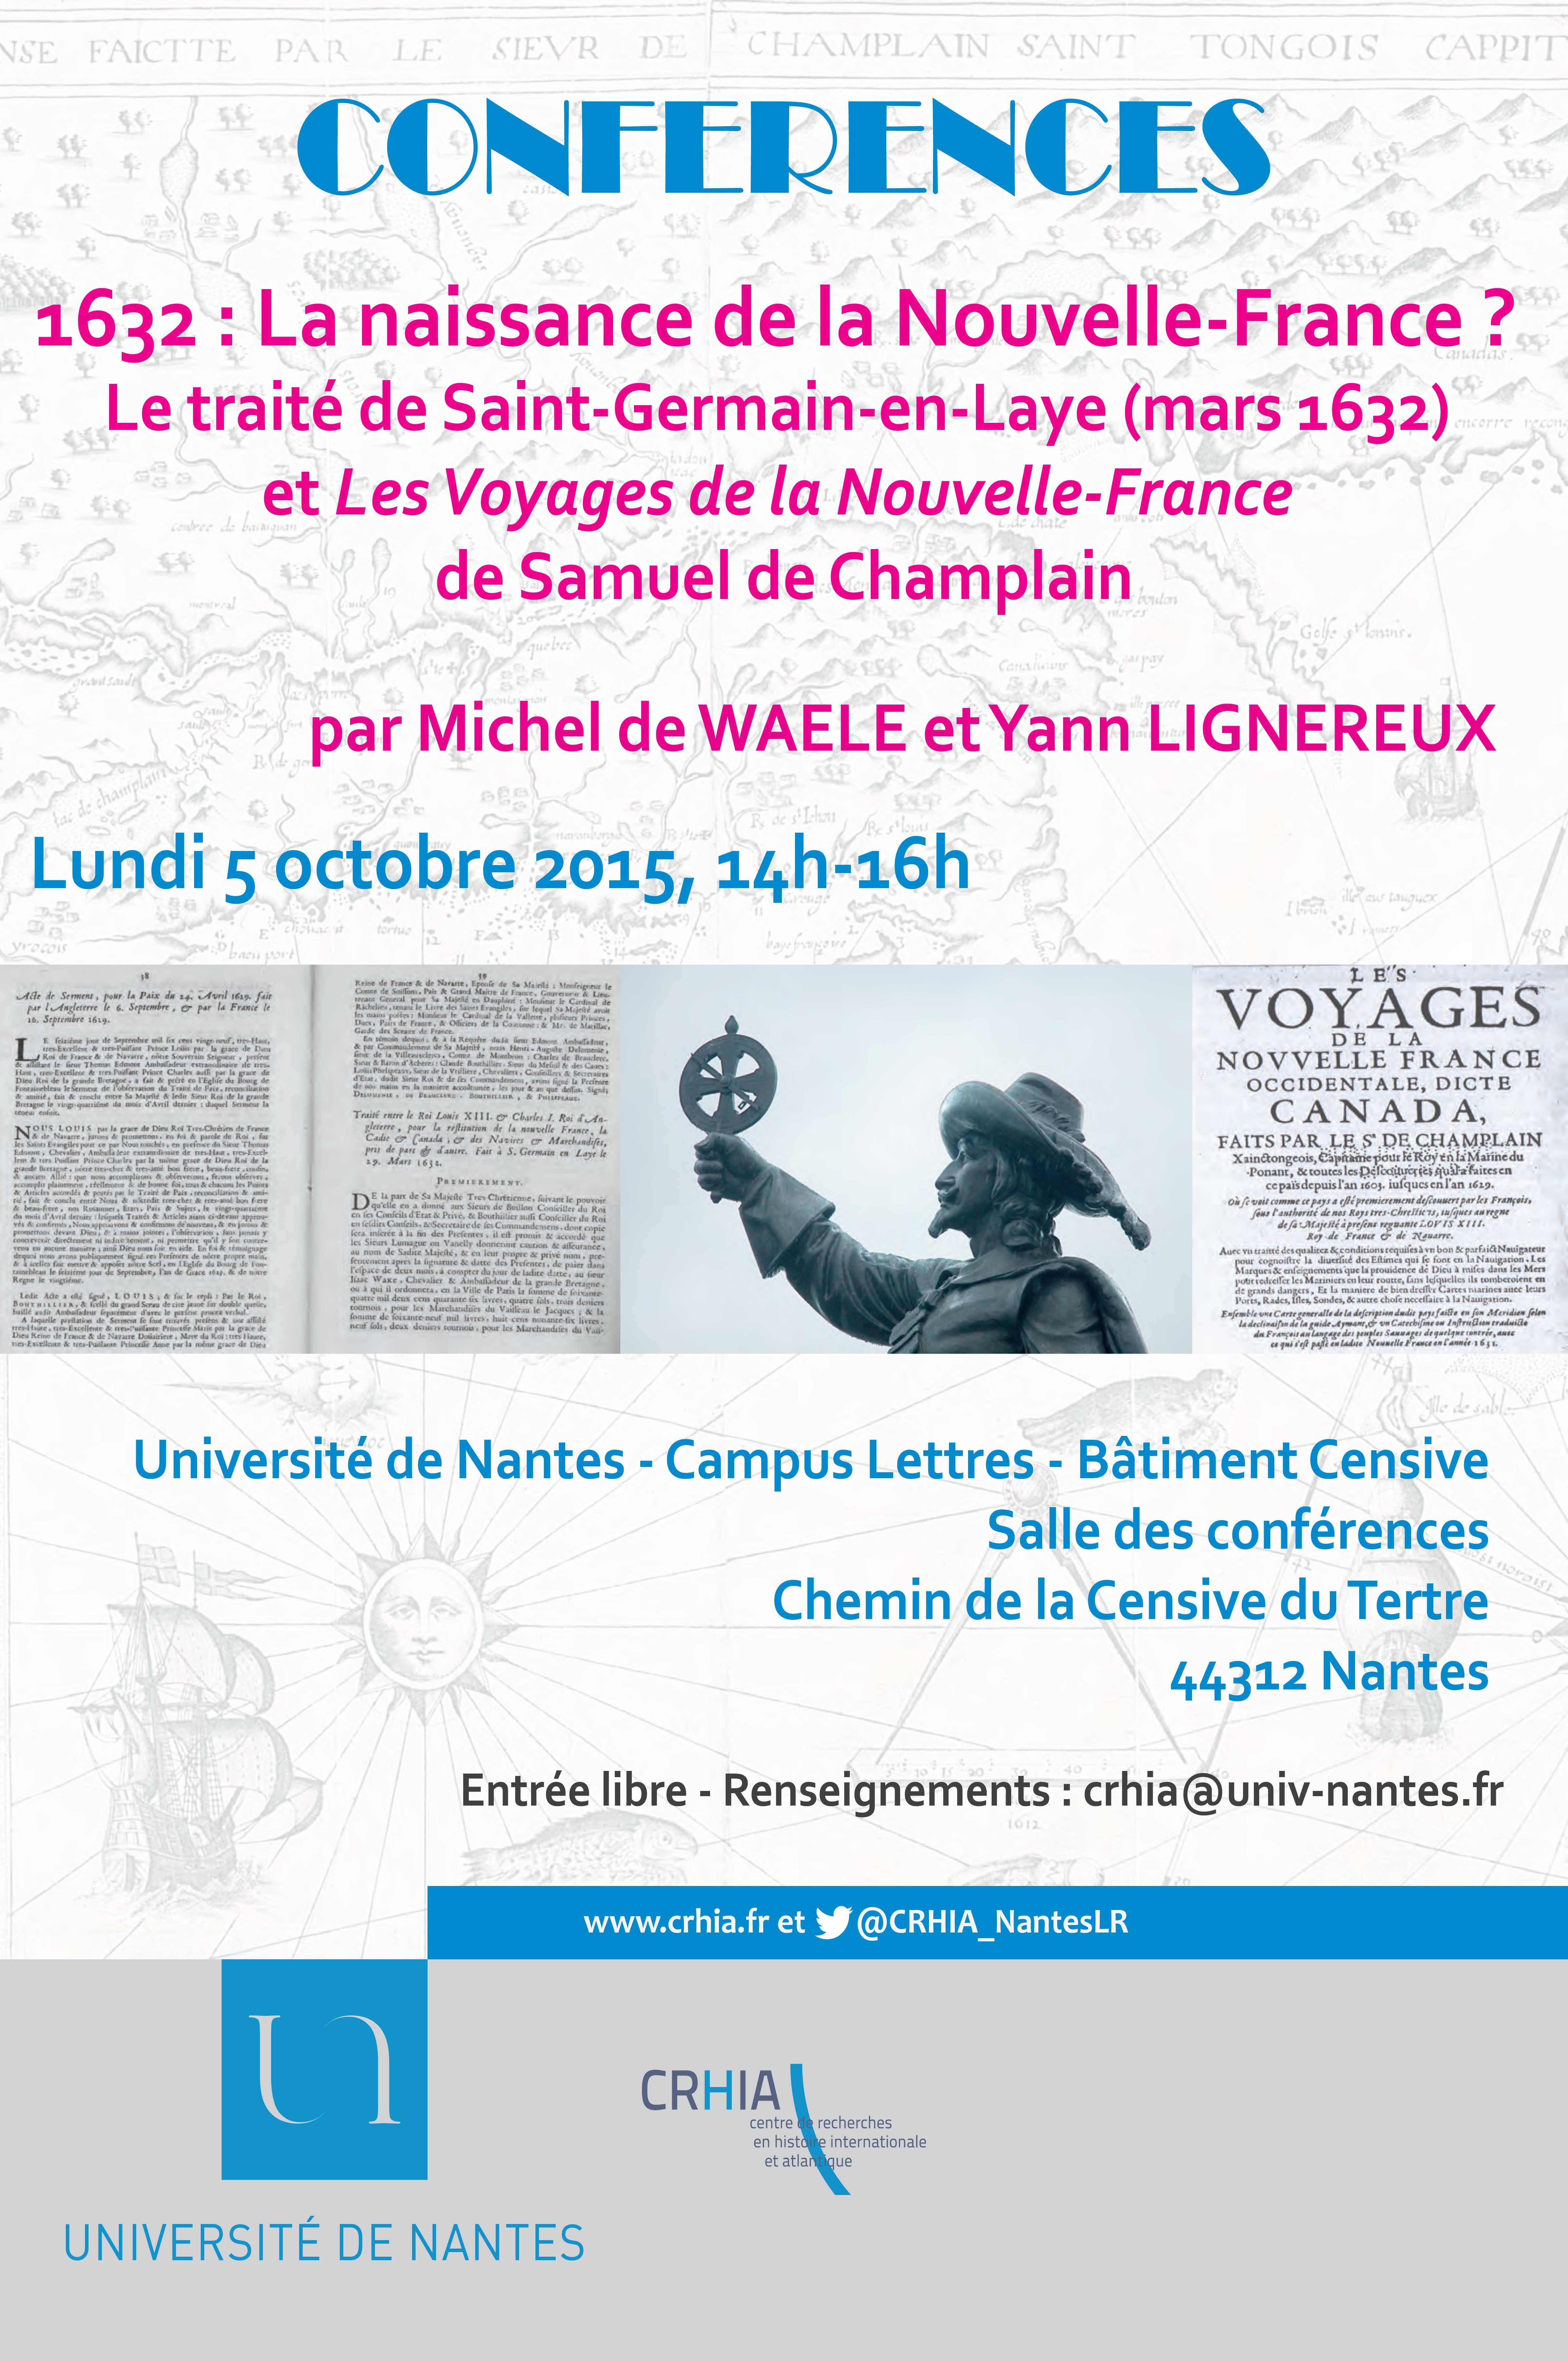 """Conférence """"1632 : la naissance de la Nouvelle-France ? Le traité de Saint-Germain-en-Laye (1632) et Les voyages de la Nouvelle-France de Champlain"""", Université de Nantes, 5 octobre 2015 de 14h-16h"""